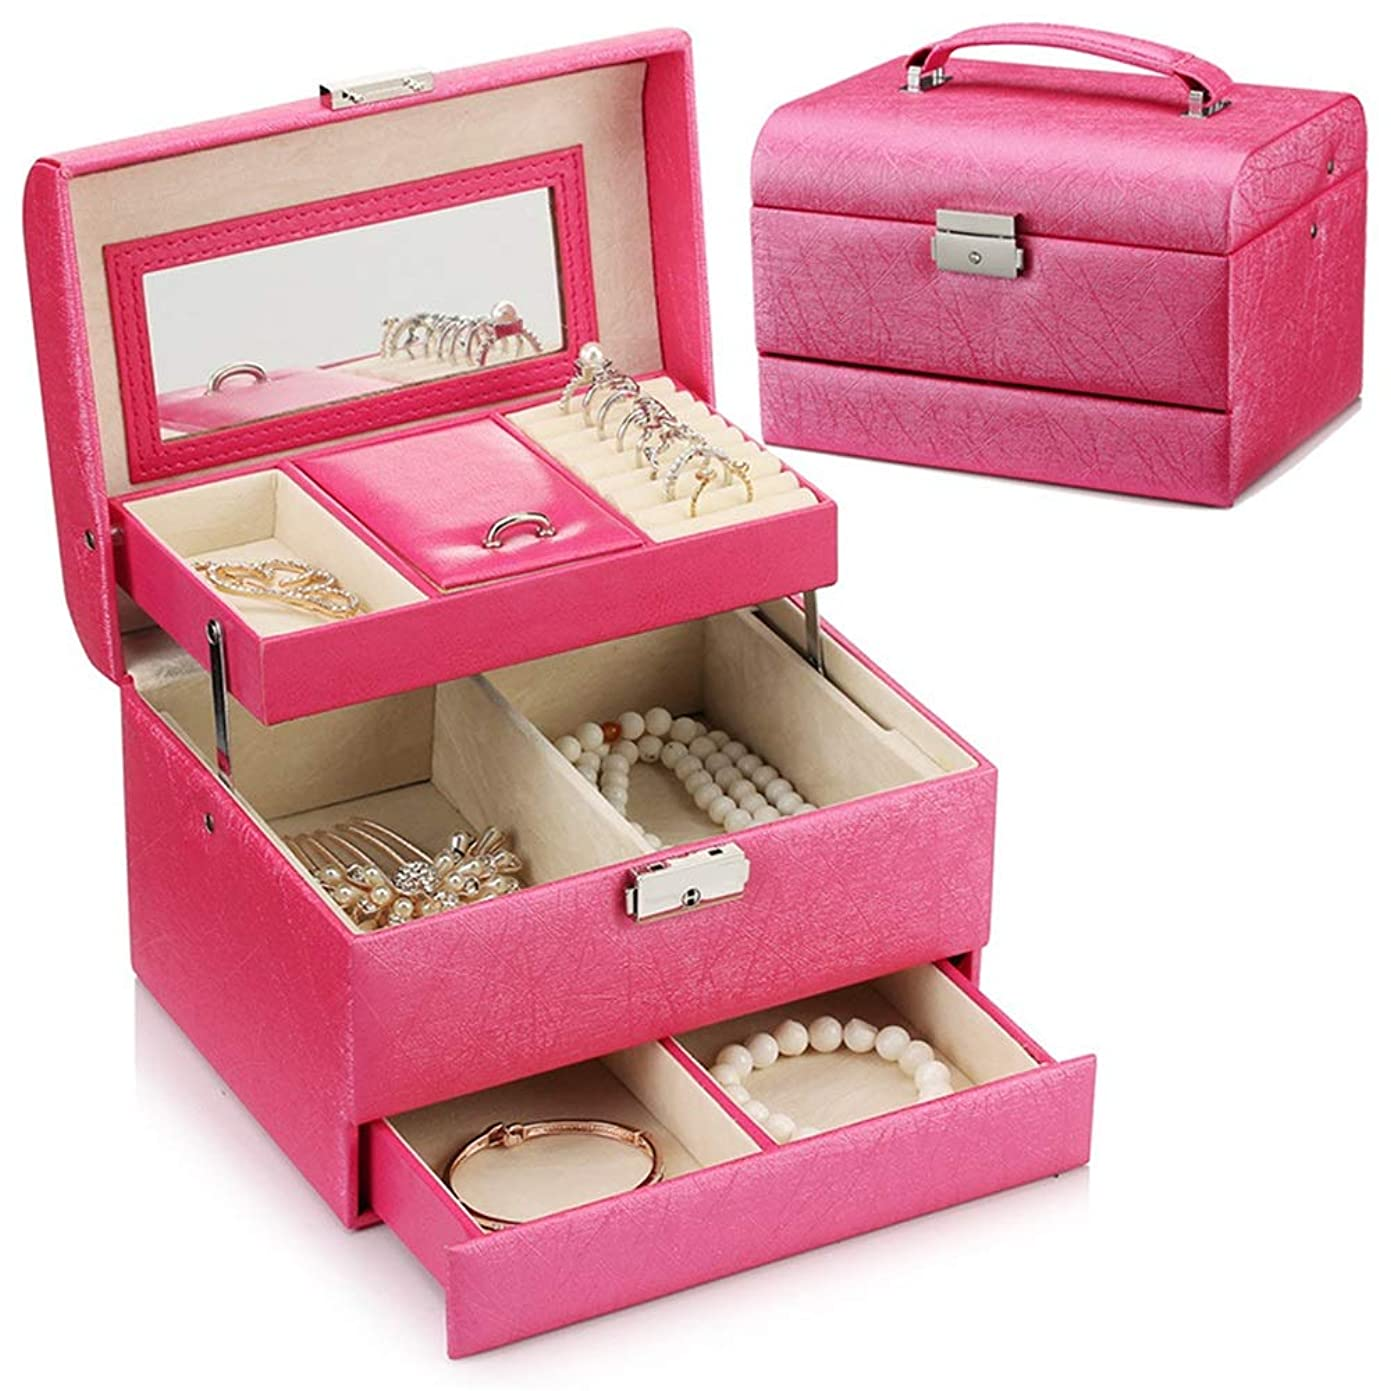 位置づける海岸漏斗特大スペース収納ビューティーボックス 女の子の女性旅行のための新しく、実用的な携帯用化粧箱およびロックおよび皿が付いている毎日の貯蔵 化粧品化粧台 (色 : ローズレッド)